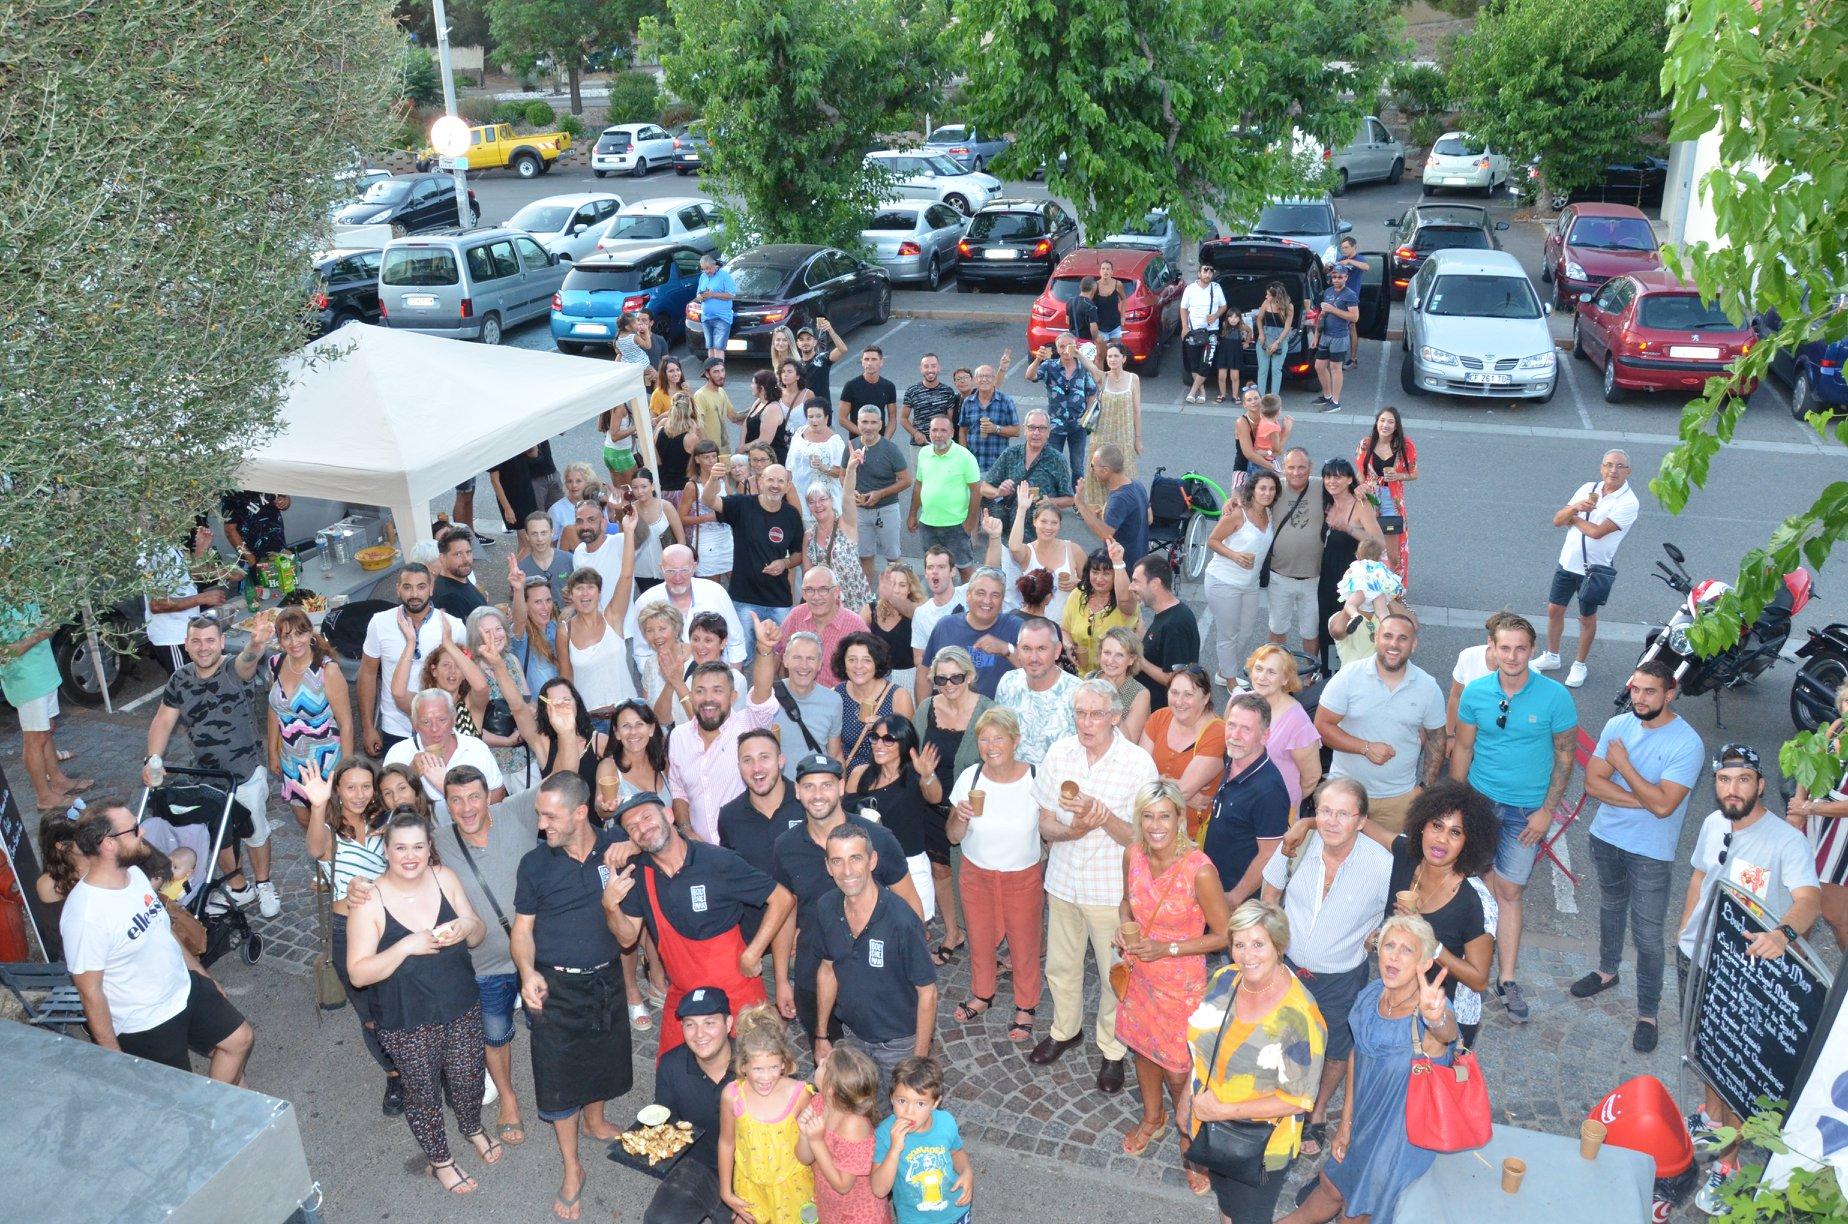 La Ciotat : « Bouche'Man » a célébré ses deux ans de réussite sur Ste Marguerite